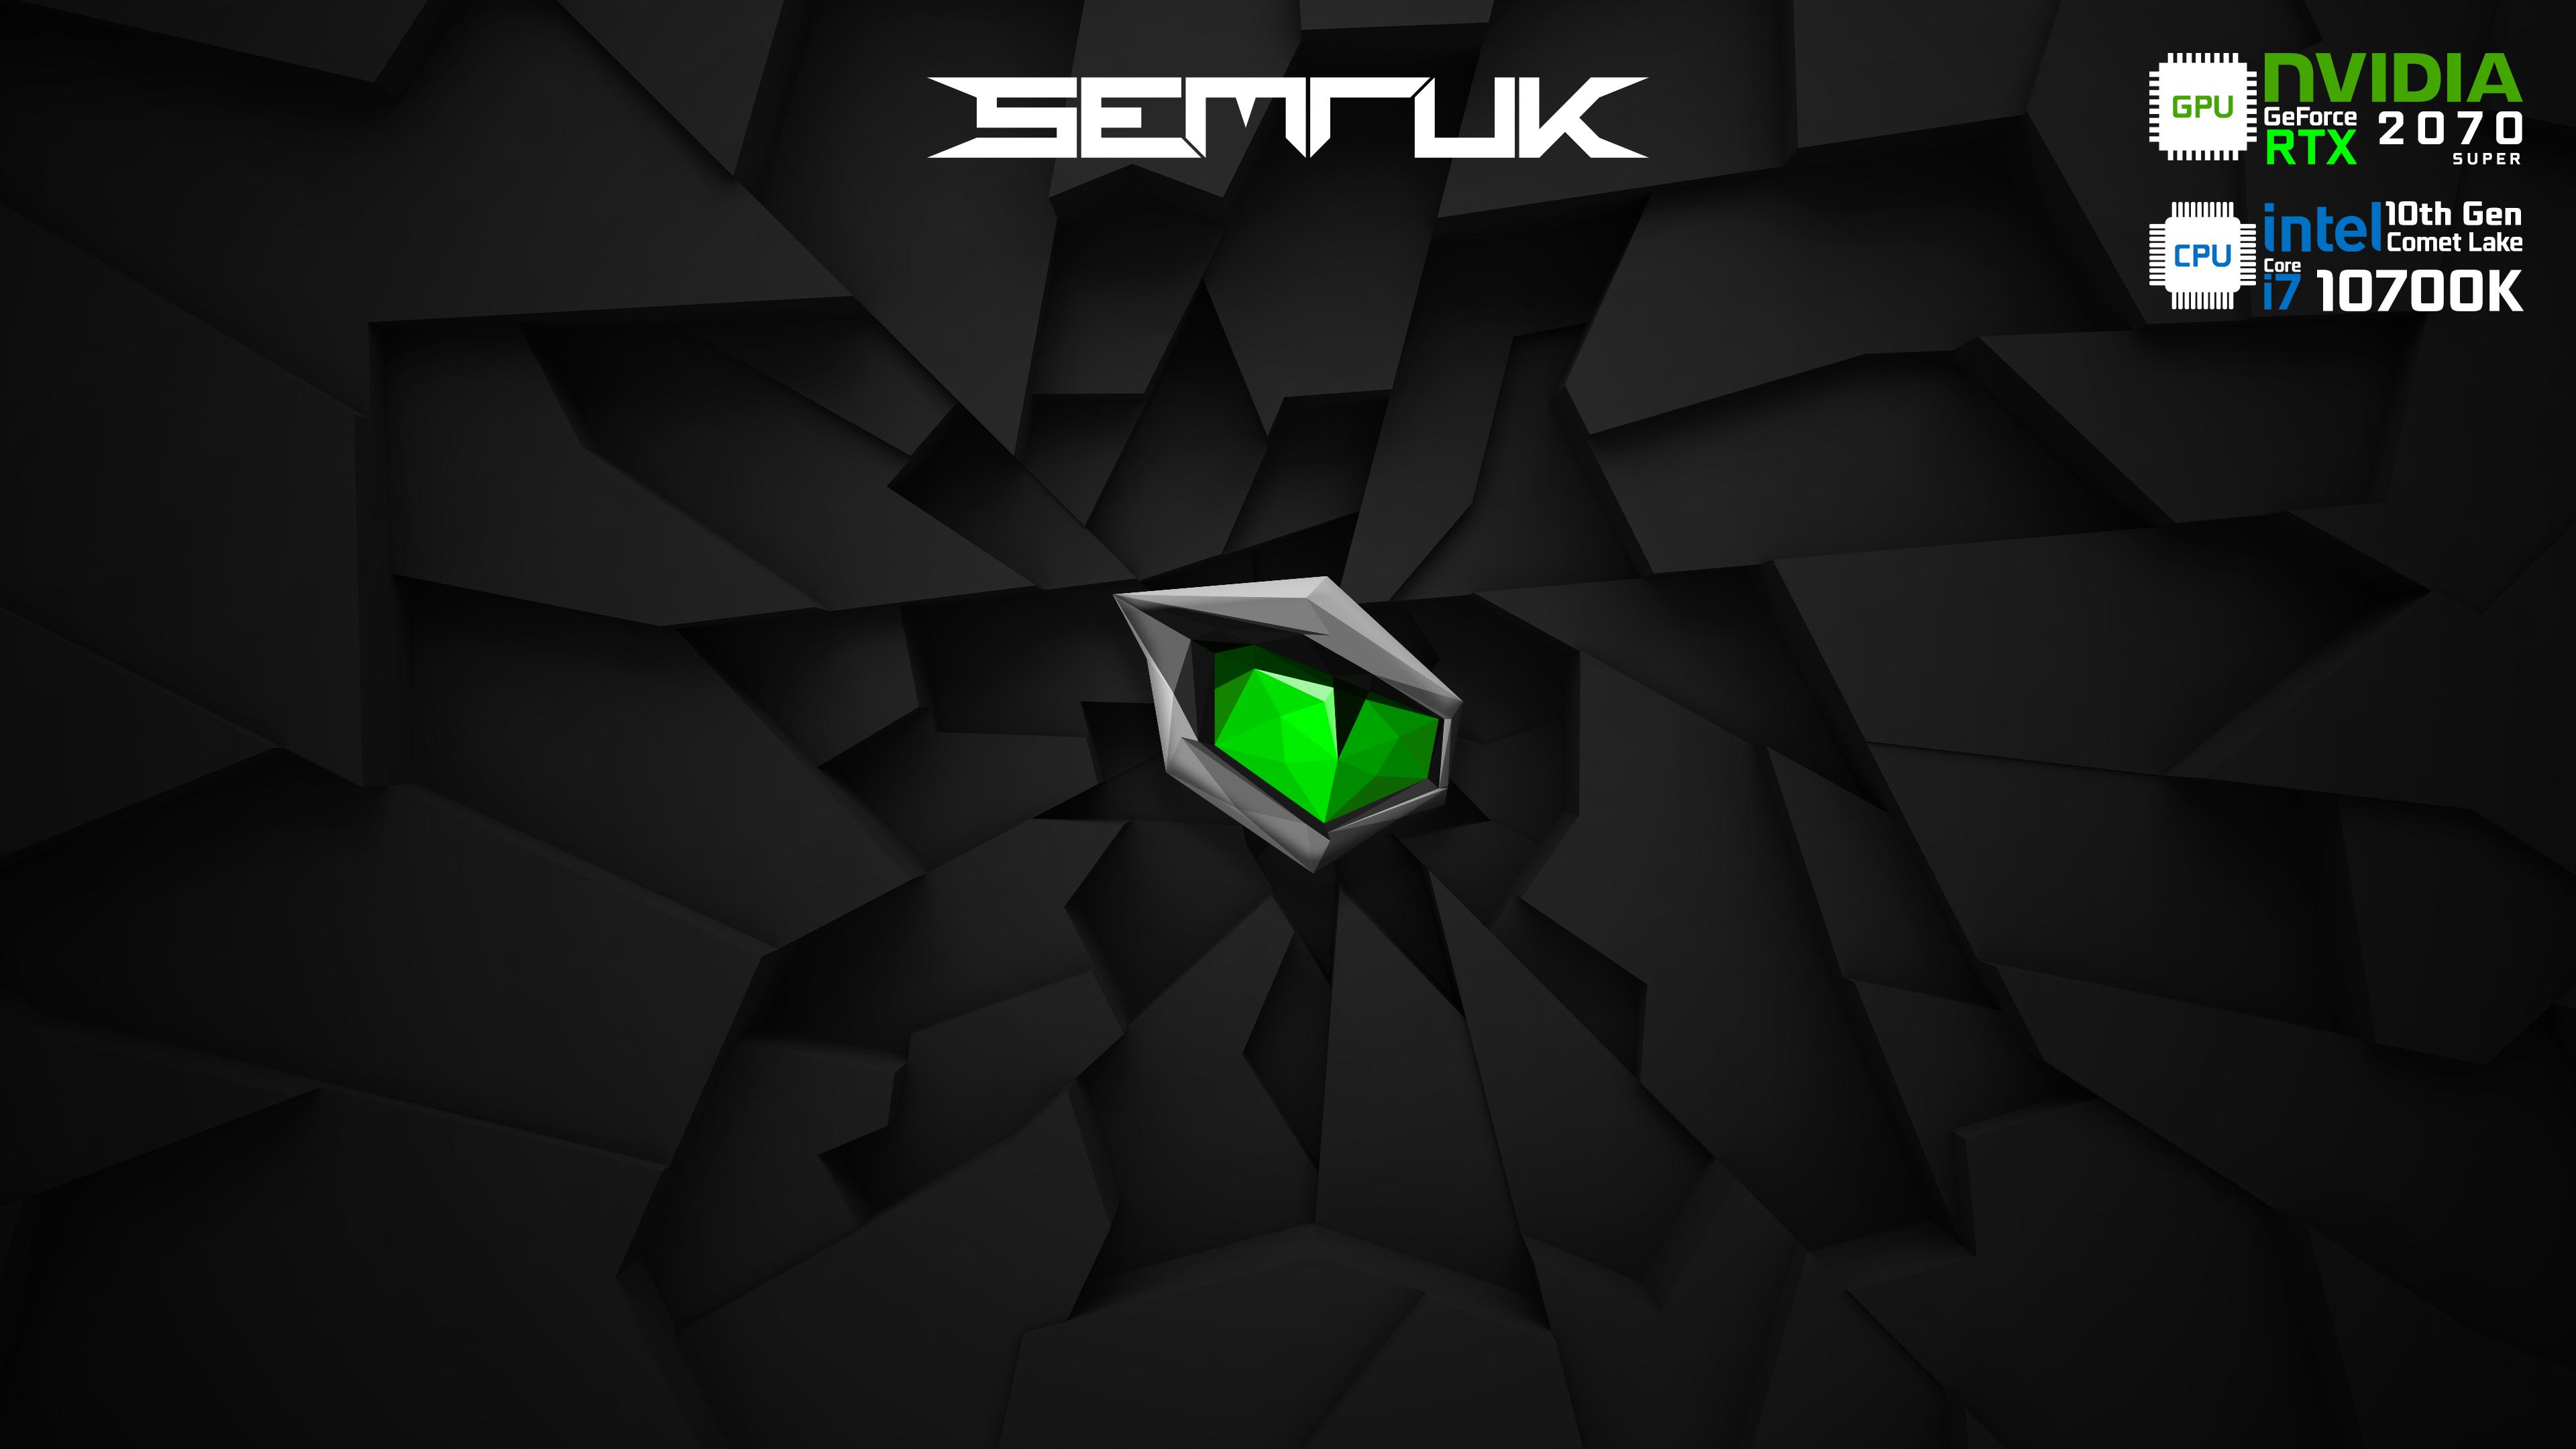 Monster - Semruk - 2070SUPER - i7 - 10700K